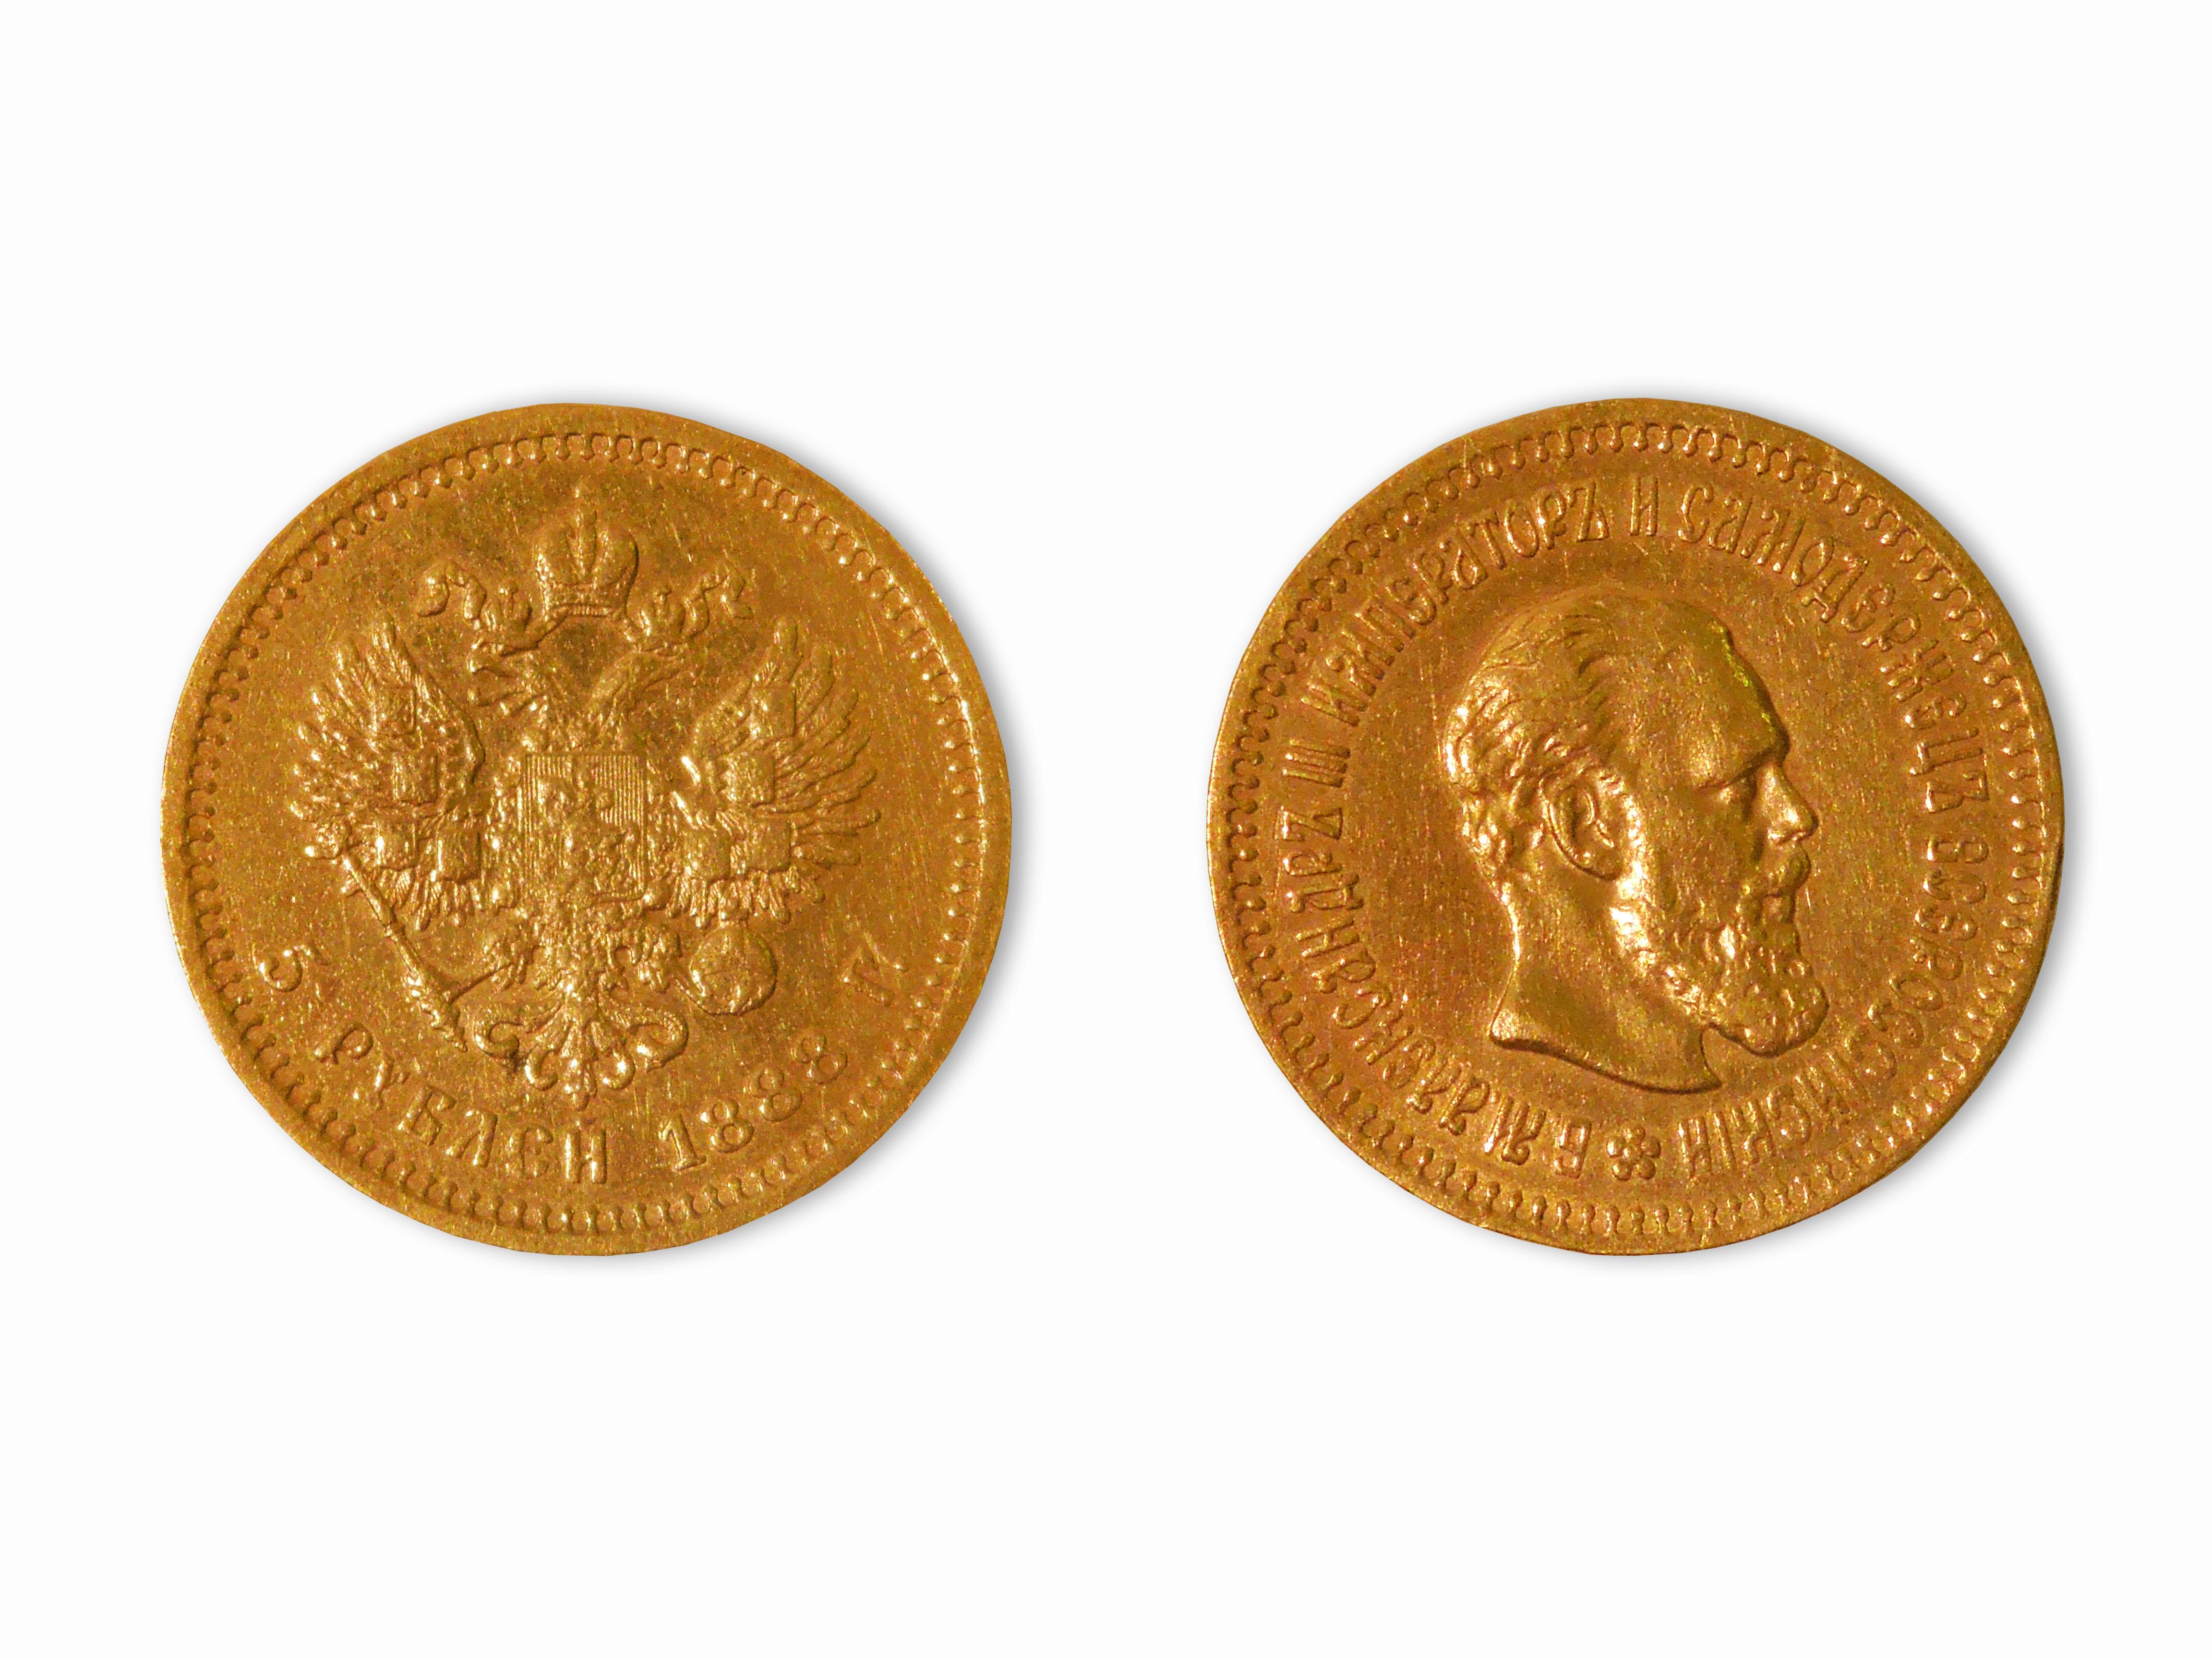 Pět rublů 1888, zlato